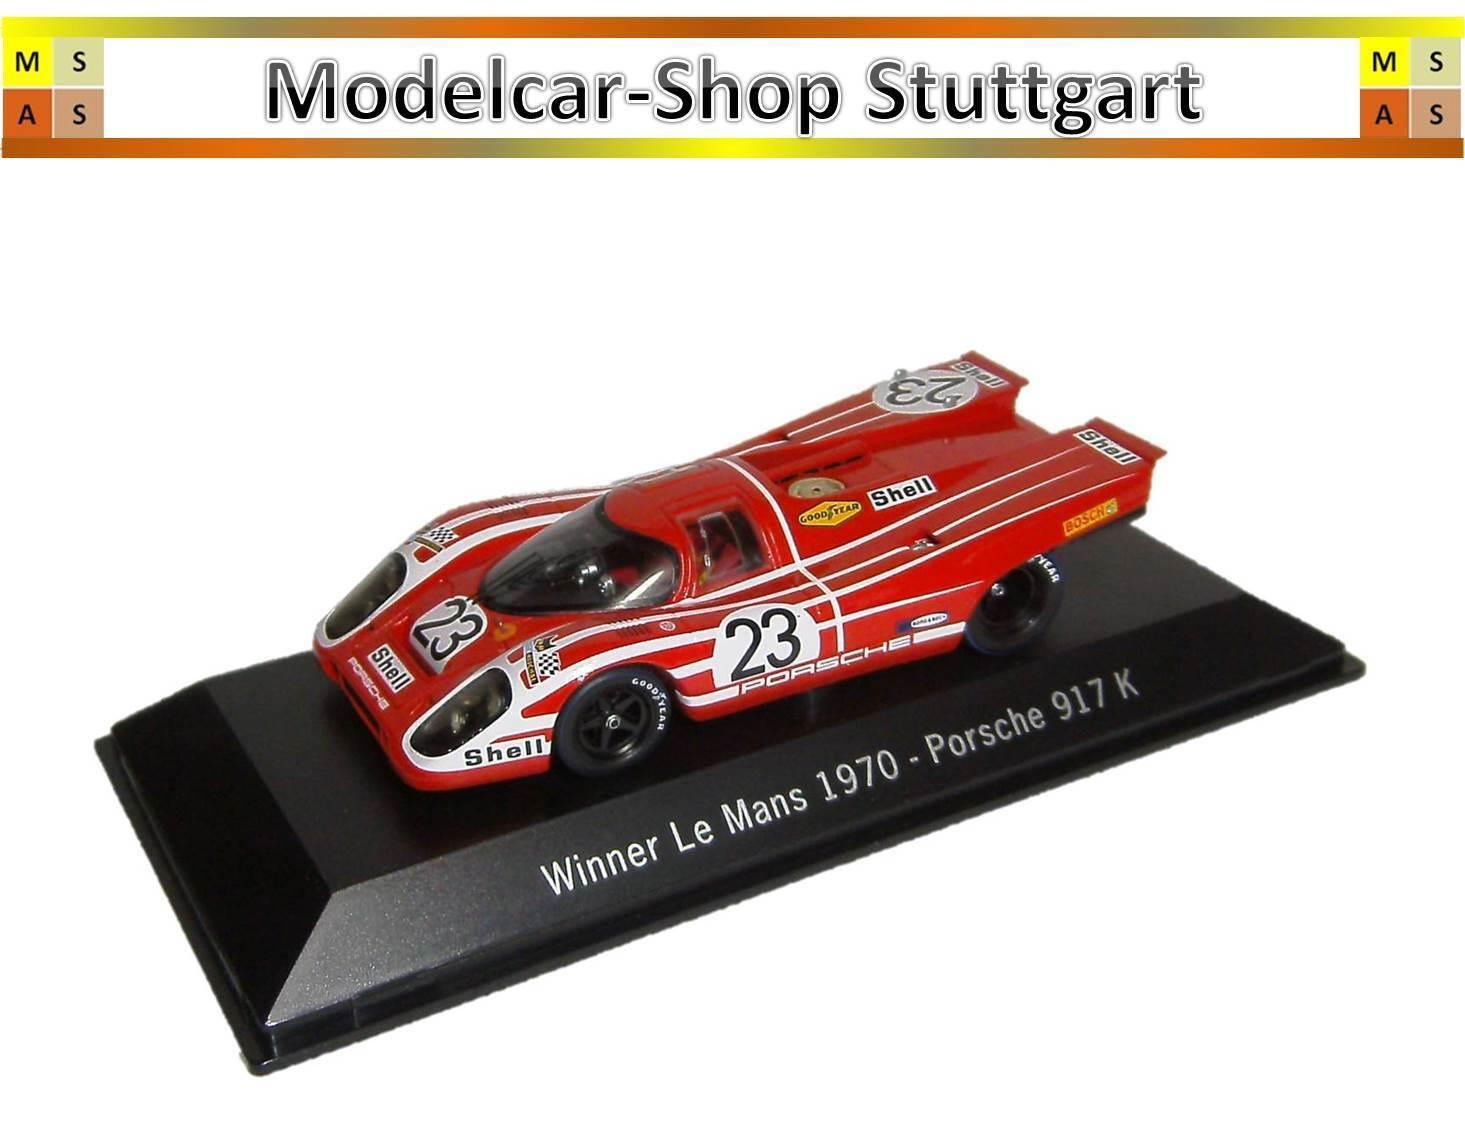 Gangant 24h K Map02027013 917 43 Mans Le 1970 Spark Porsche JTl1cF3K